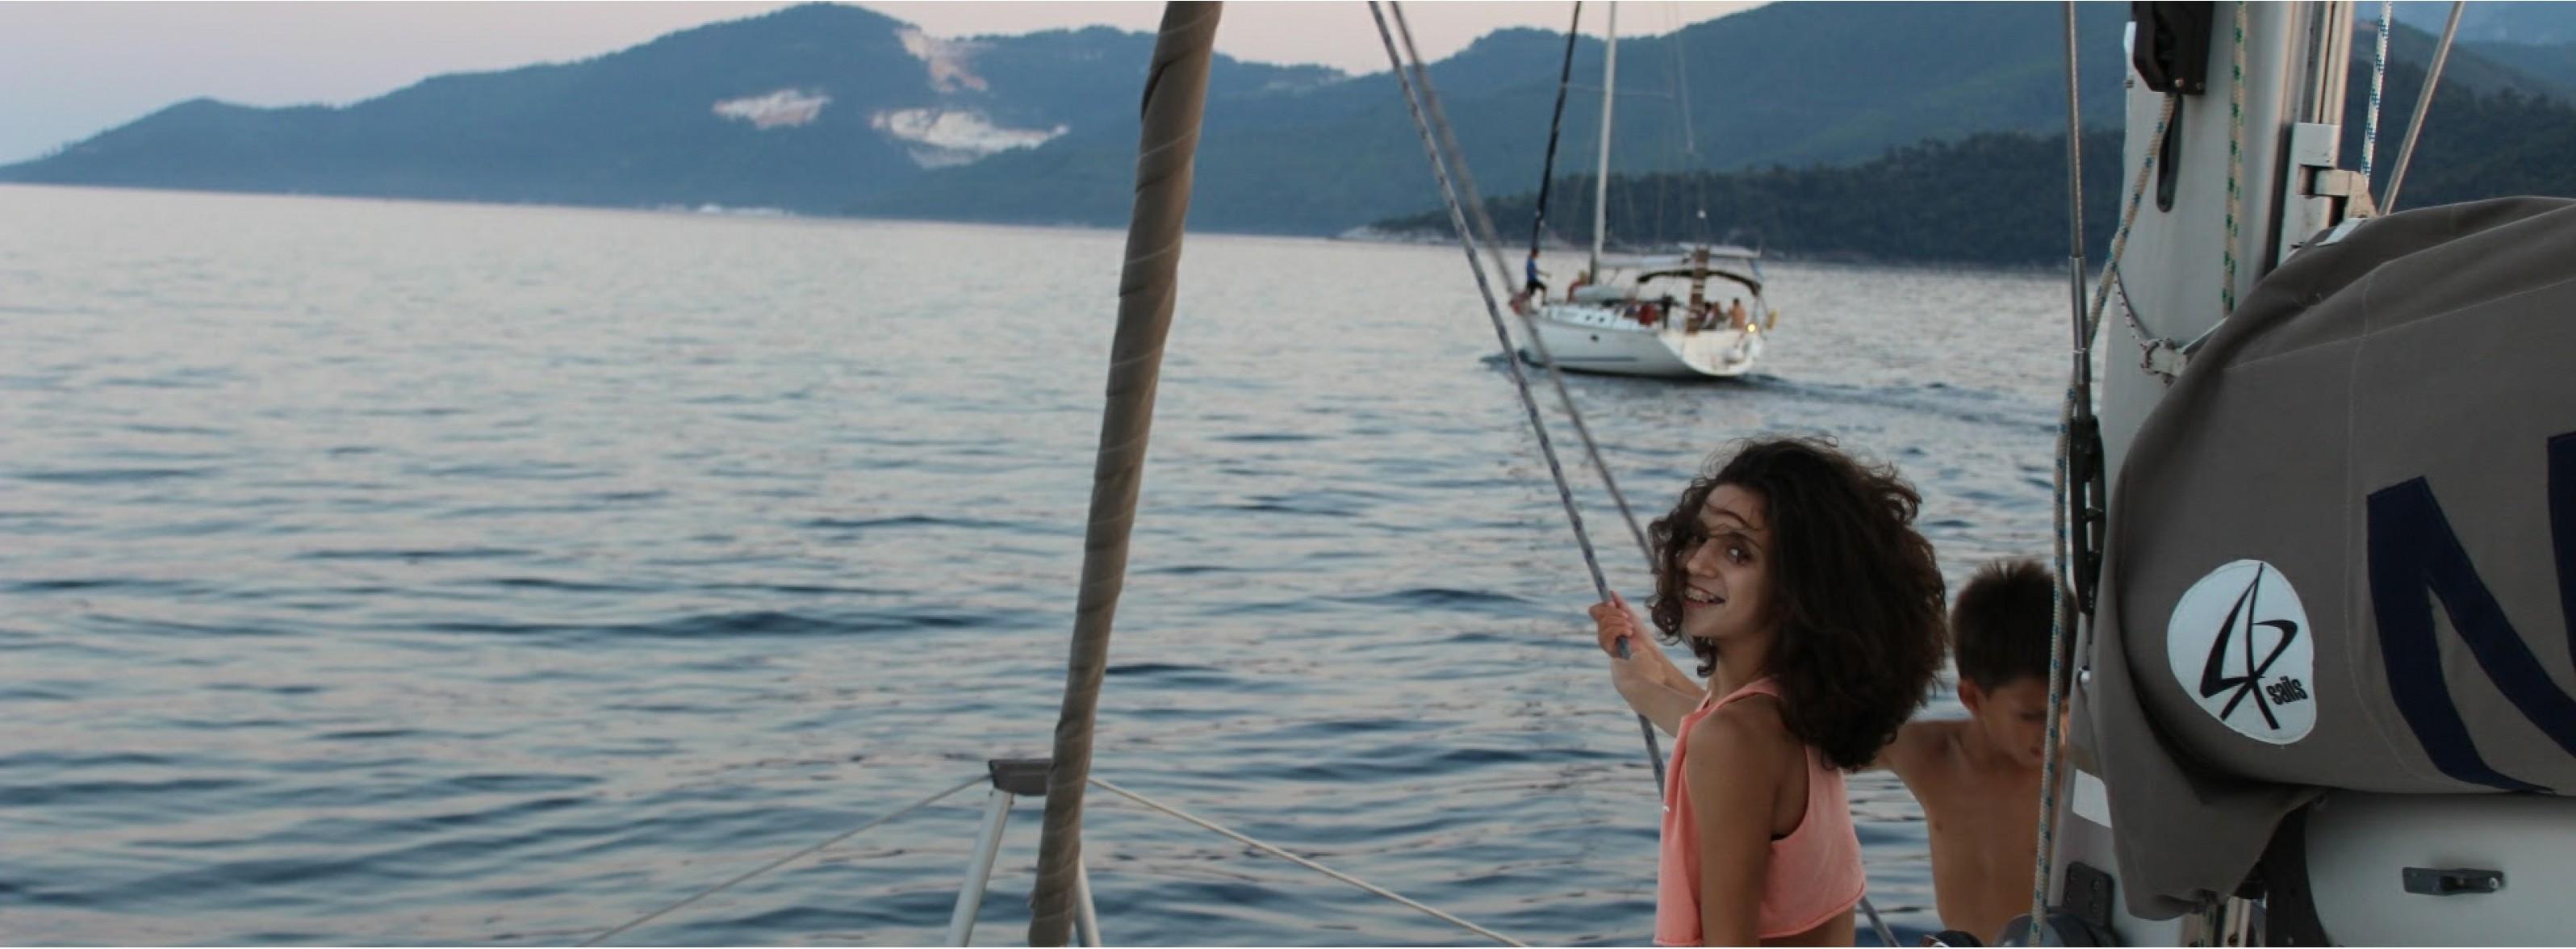 Ваканция на яхта – подходяща ли е за мен и за моето семейство?